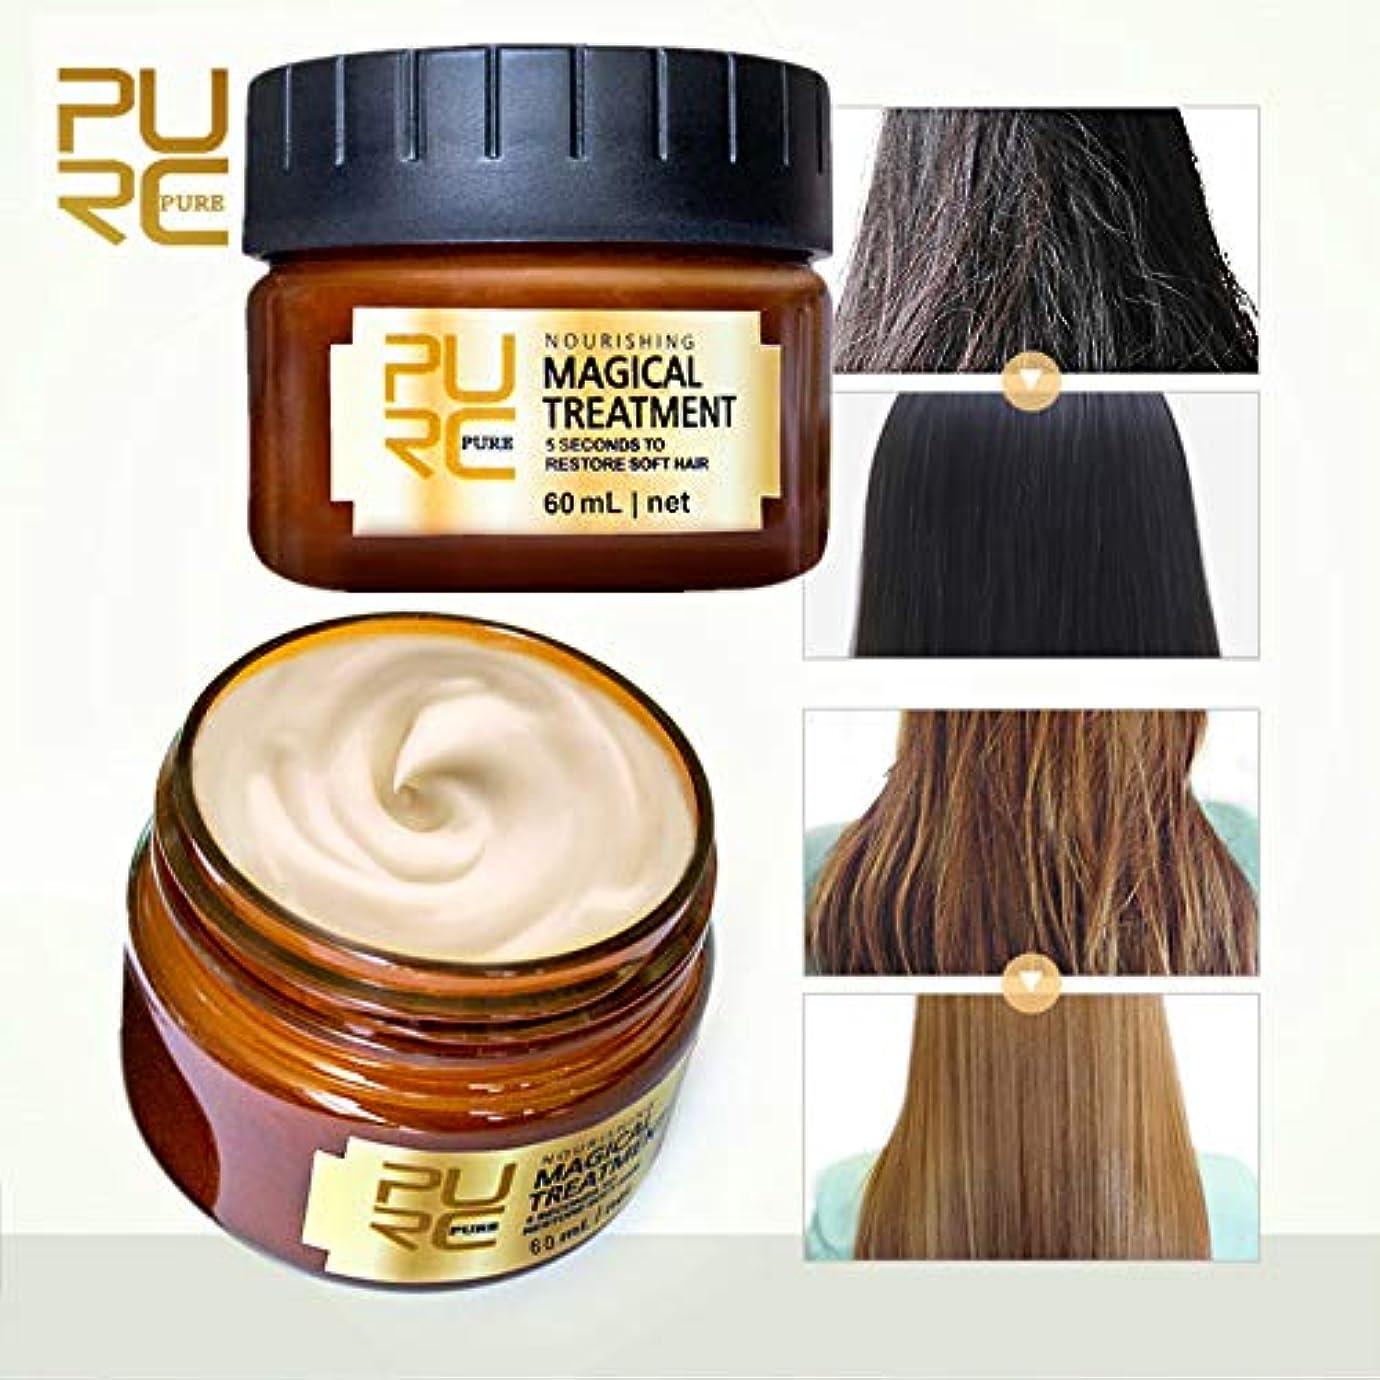 パートナー交響曲エアコンベストプライス - 3本x 60mlマジカルヘアトリートメントマスク5秒 ダメージを回復しますソフトヘアケラチンヘアケア&スカルプトリートメント (3pcs X 60ml Magical Hair Treatment Mask 5 Seconds Repairs Damage Restore Soft Hair Keratin Hair Care & Scalp Treatment